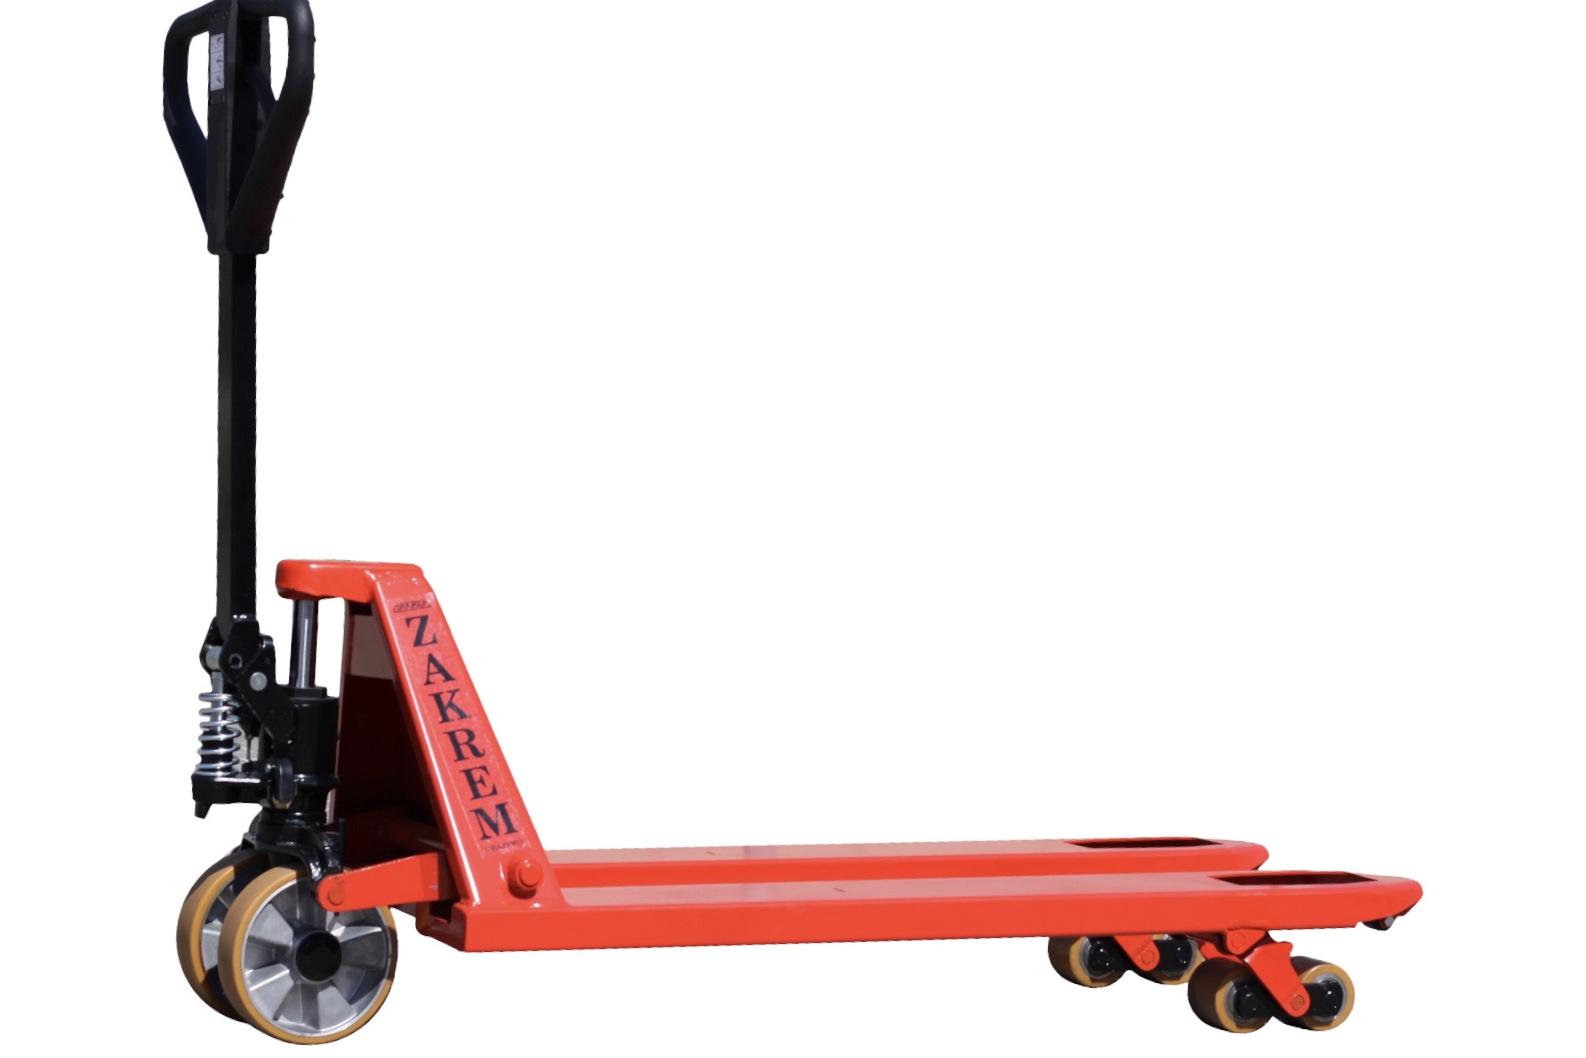 wózek paletowy zakrem wru4-2300, paleciak - Spare